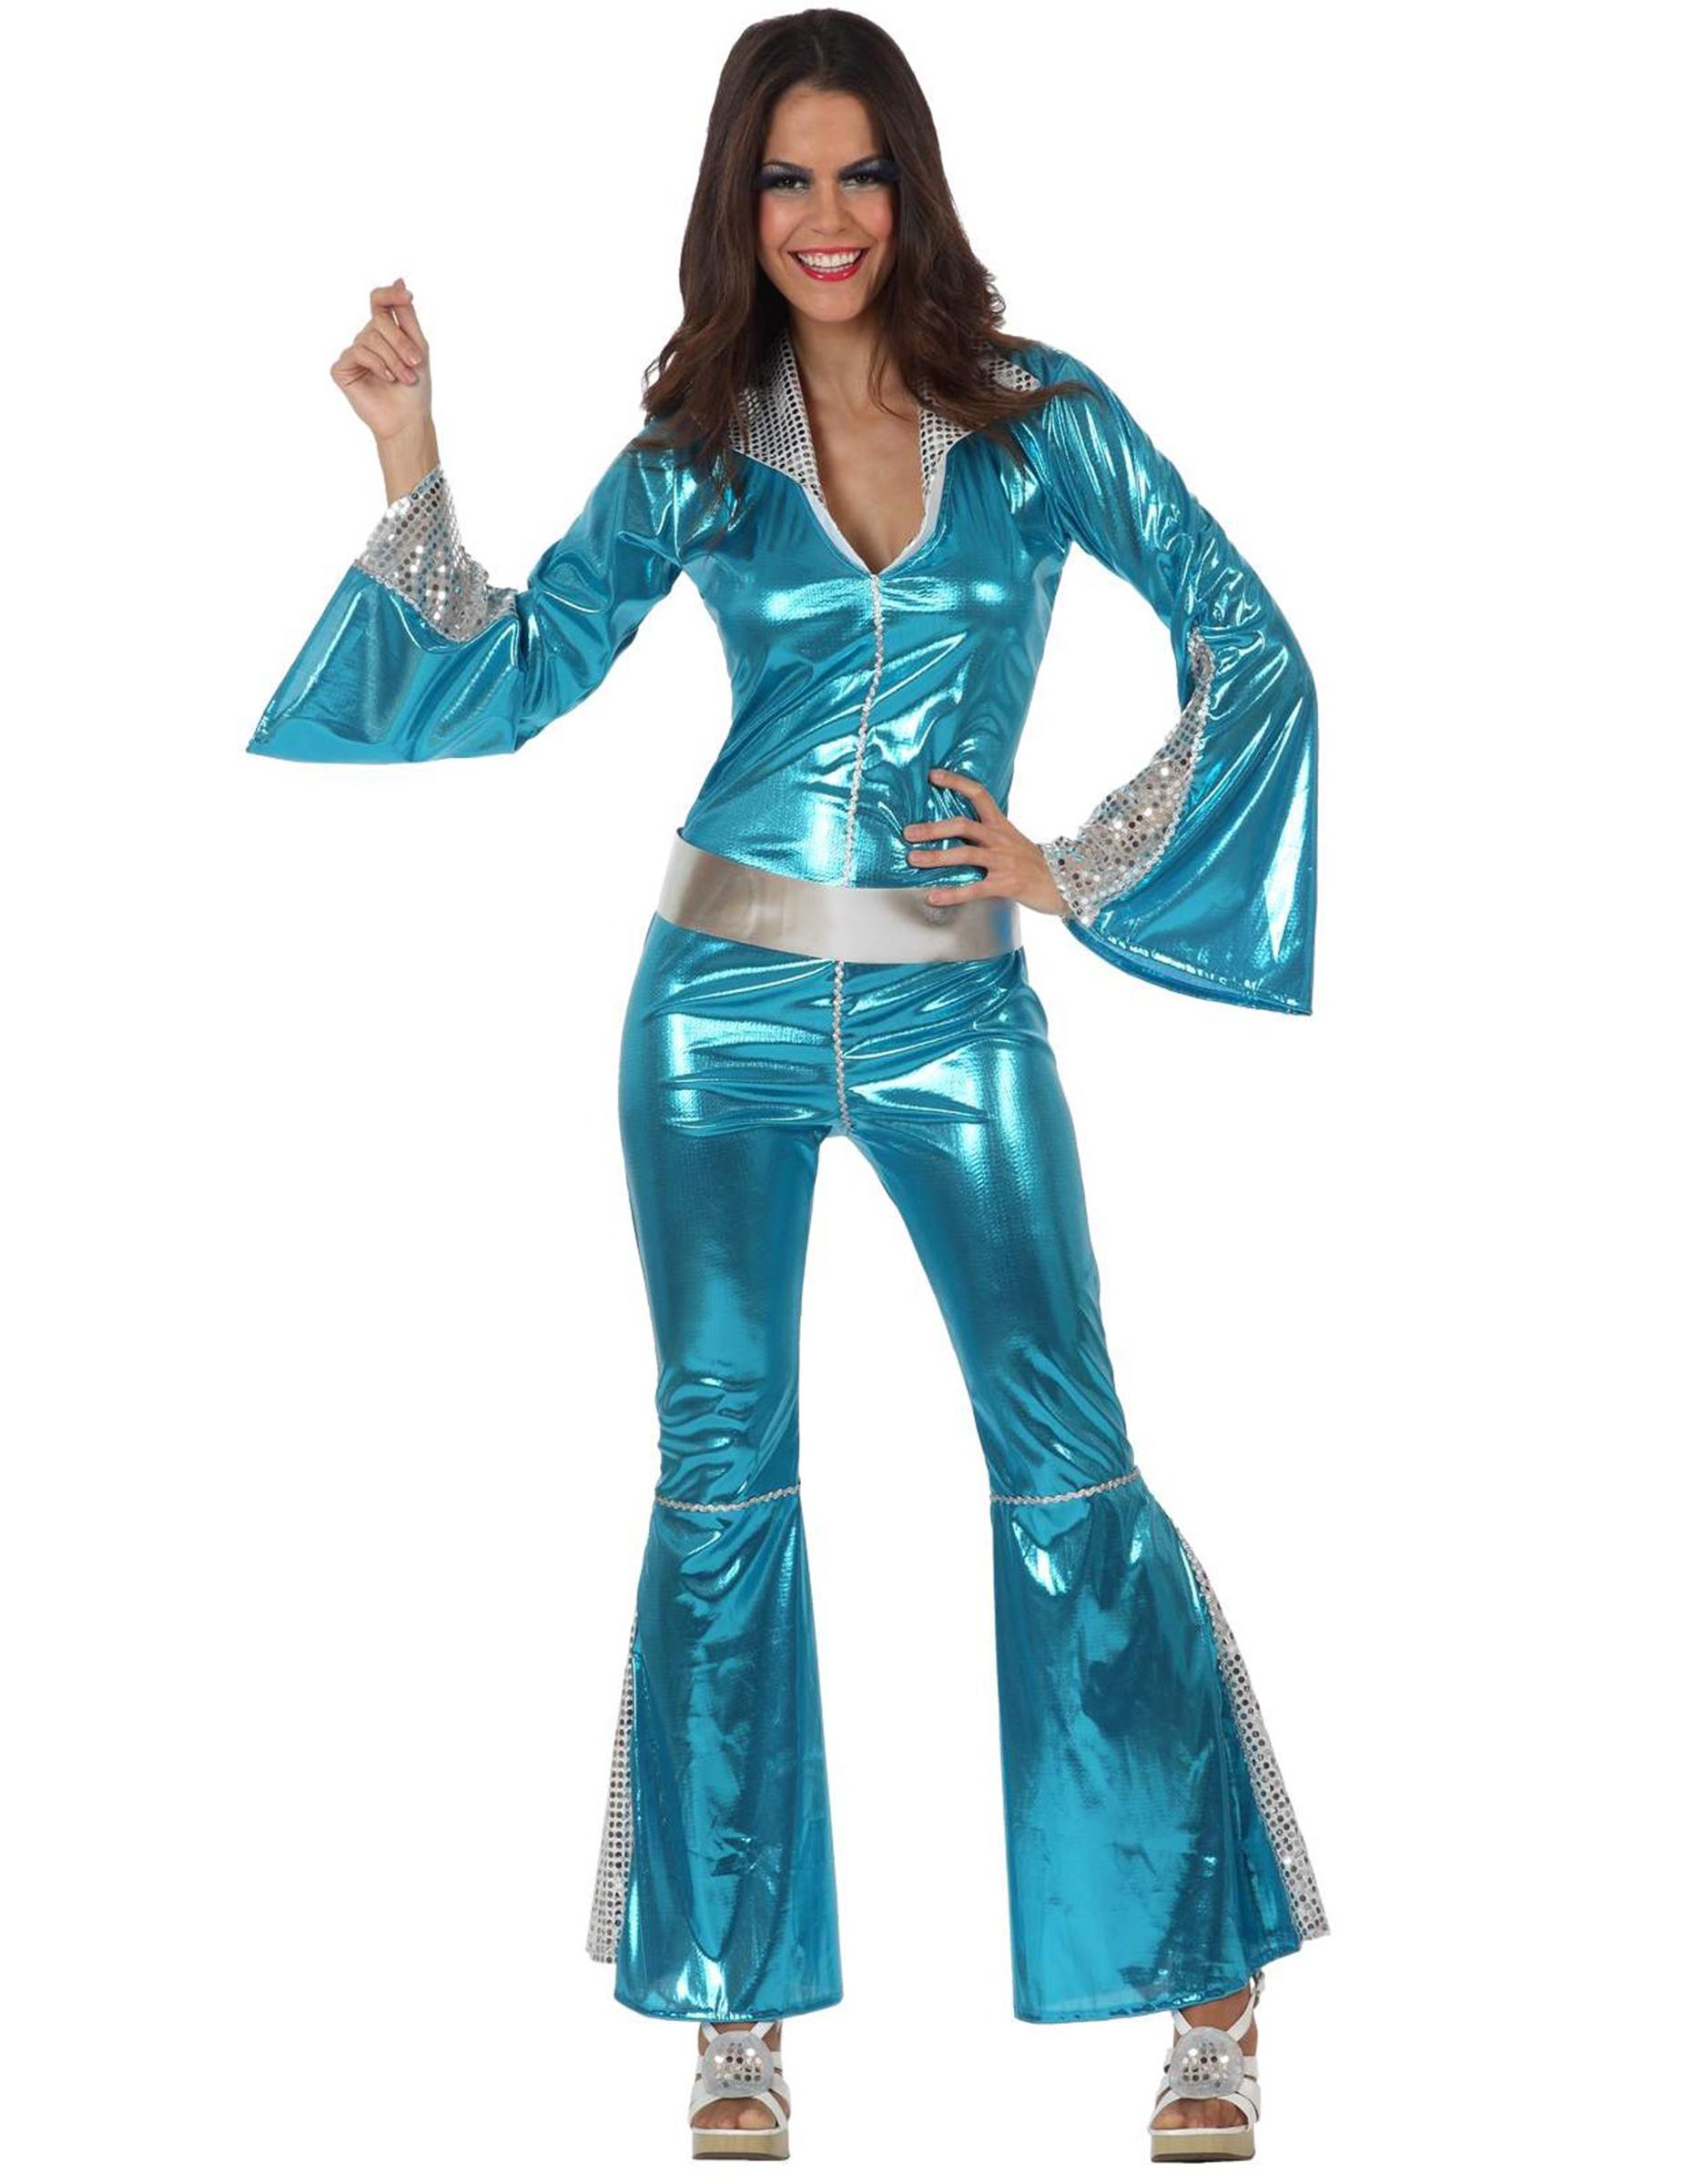 43a391939daa0e Prachtige disco kleding en kostuums voor volwassenen - Vegaoo.nl